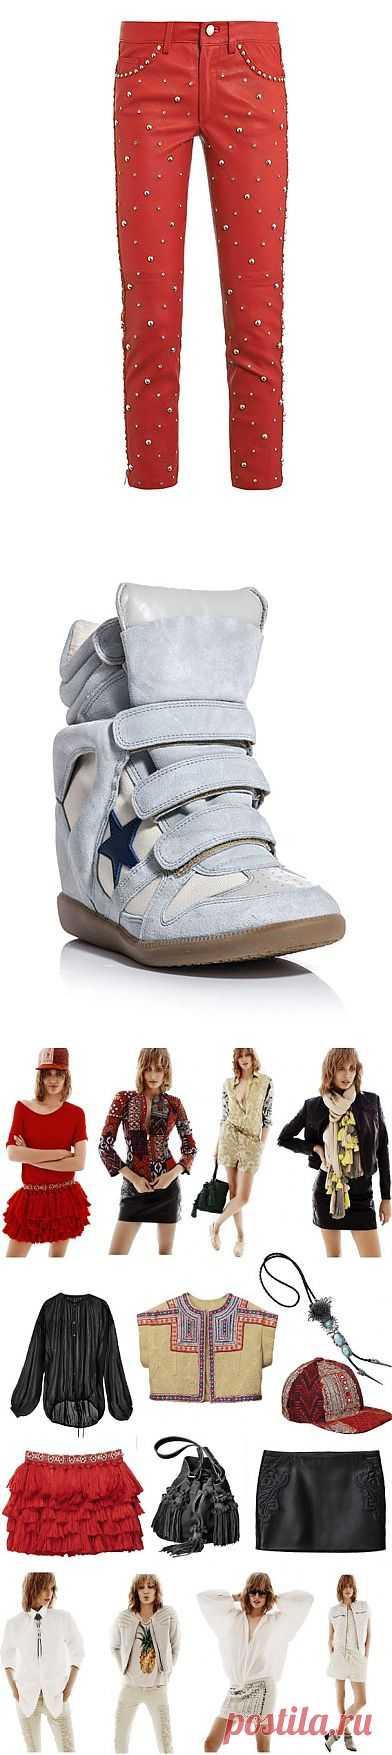 5 вещей Isabel Marant +15 / Дизайнеры / Модный сайт о стильной переделке одежды и интерьера